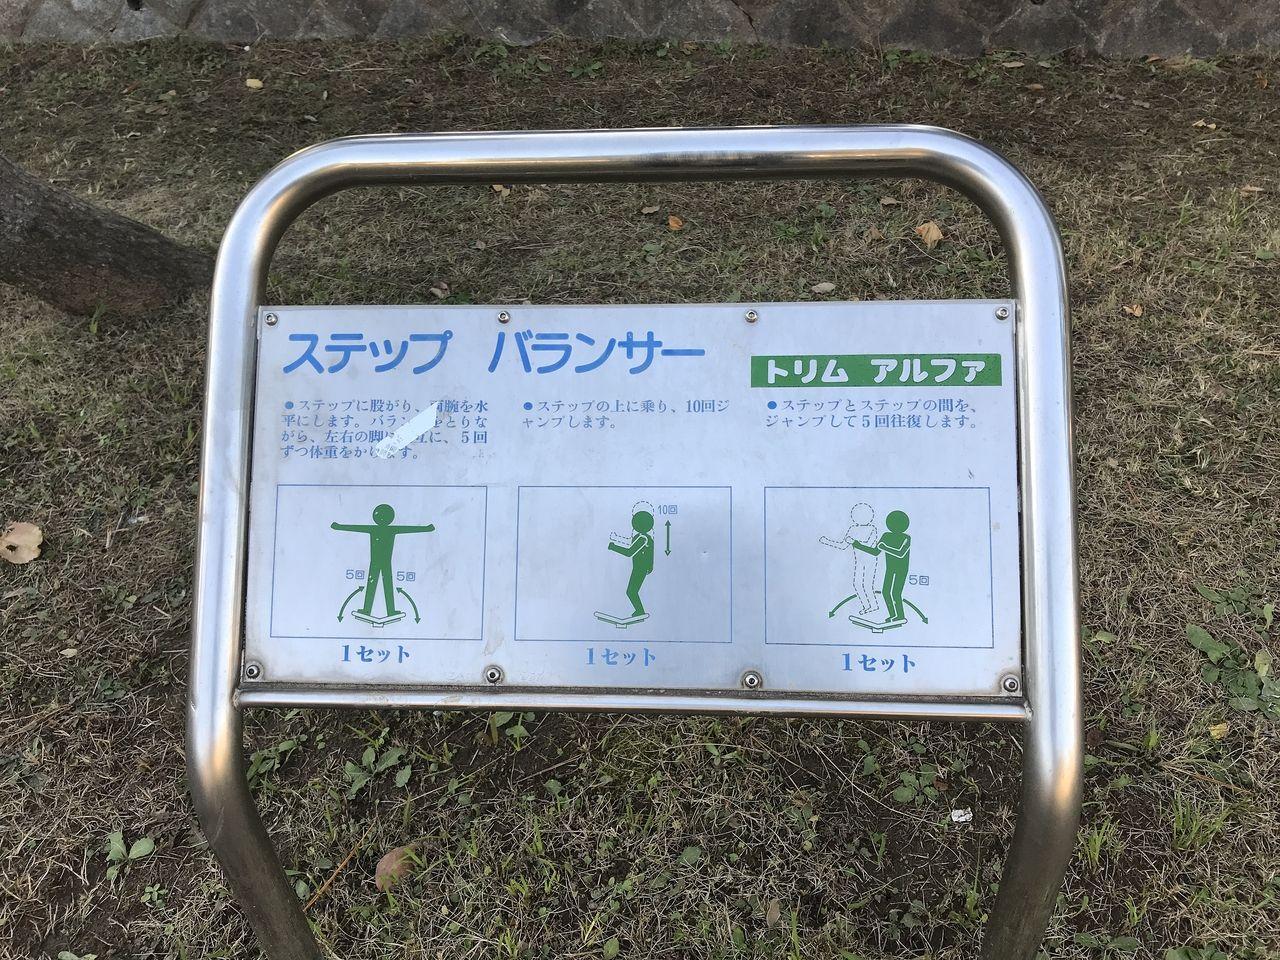 南行徳公園のステップバランサーの説明書き